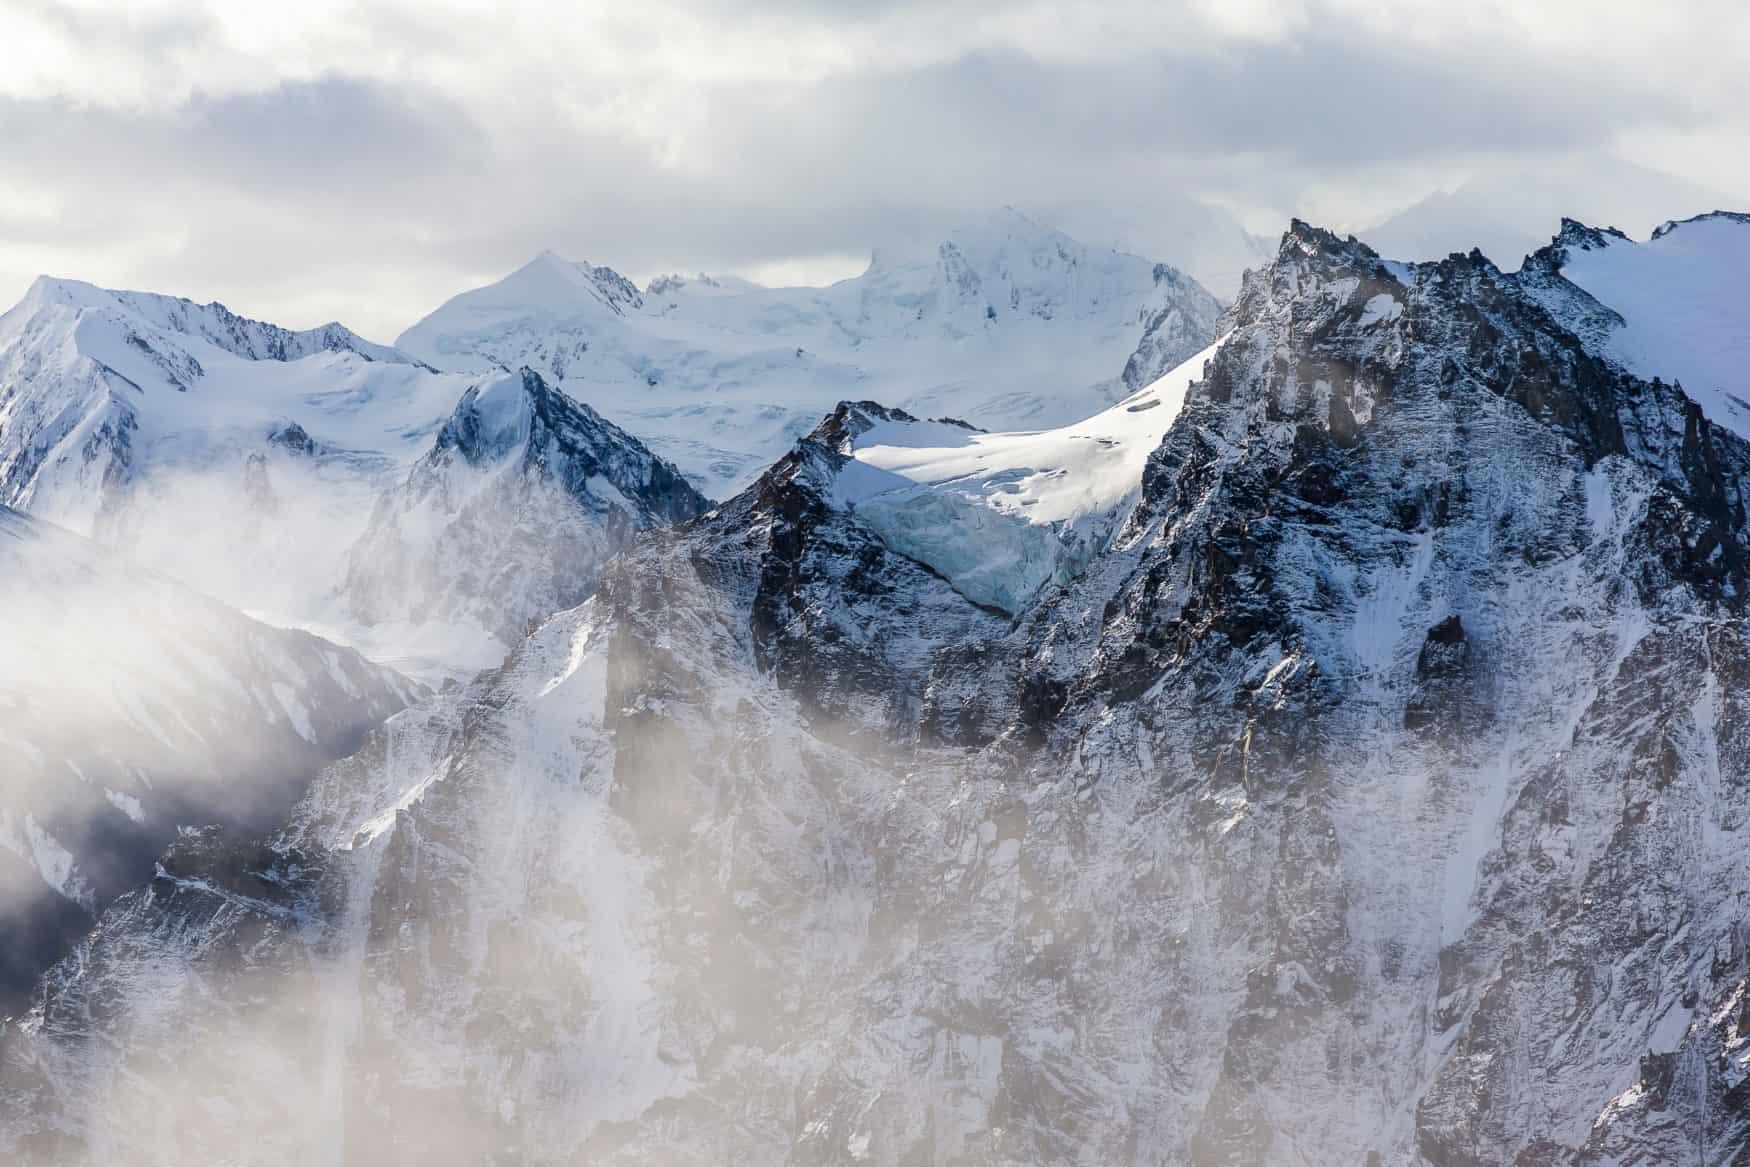 Luftaufnahme eines der größten Gletscher der Welt im Kluane Nationalpark in Yukon, Kanada.